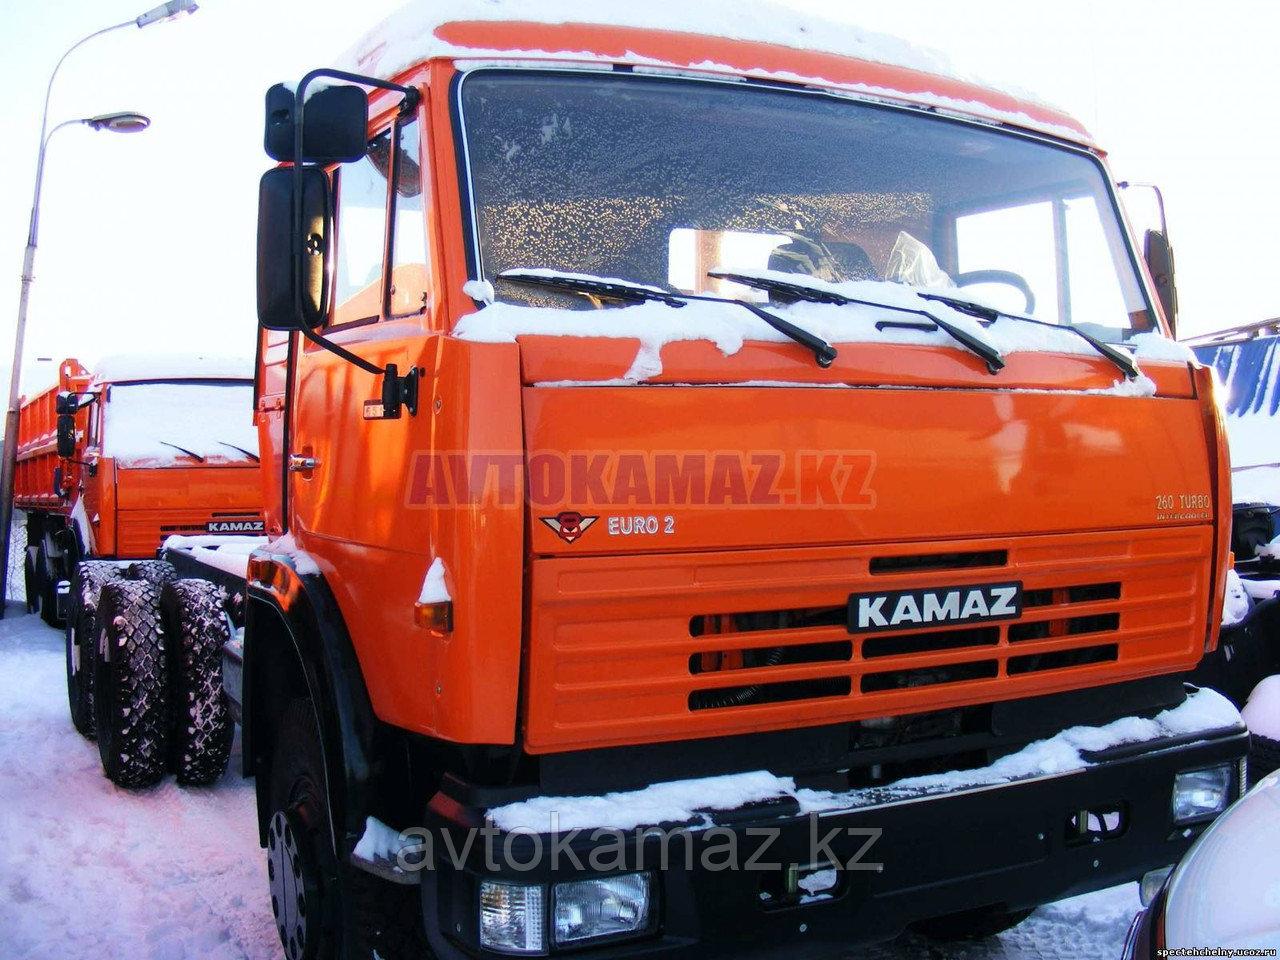 Шасси КамАЗ 53229-1963-15 (Сборка РФ, 2017 г.)